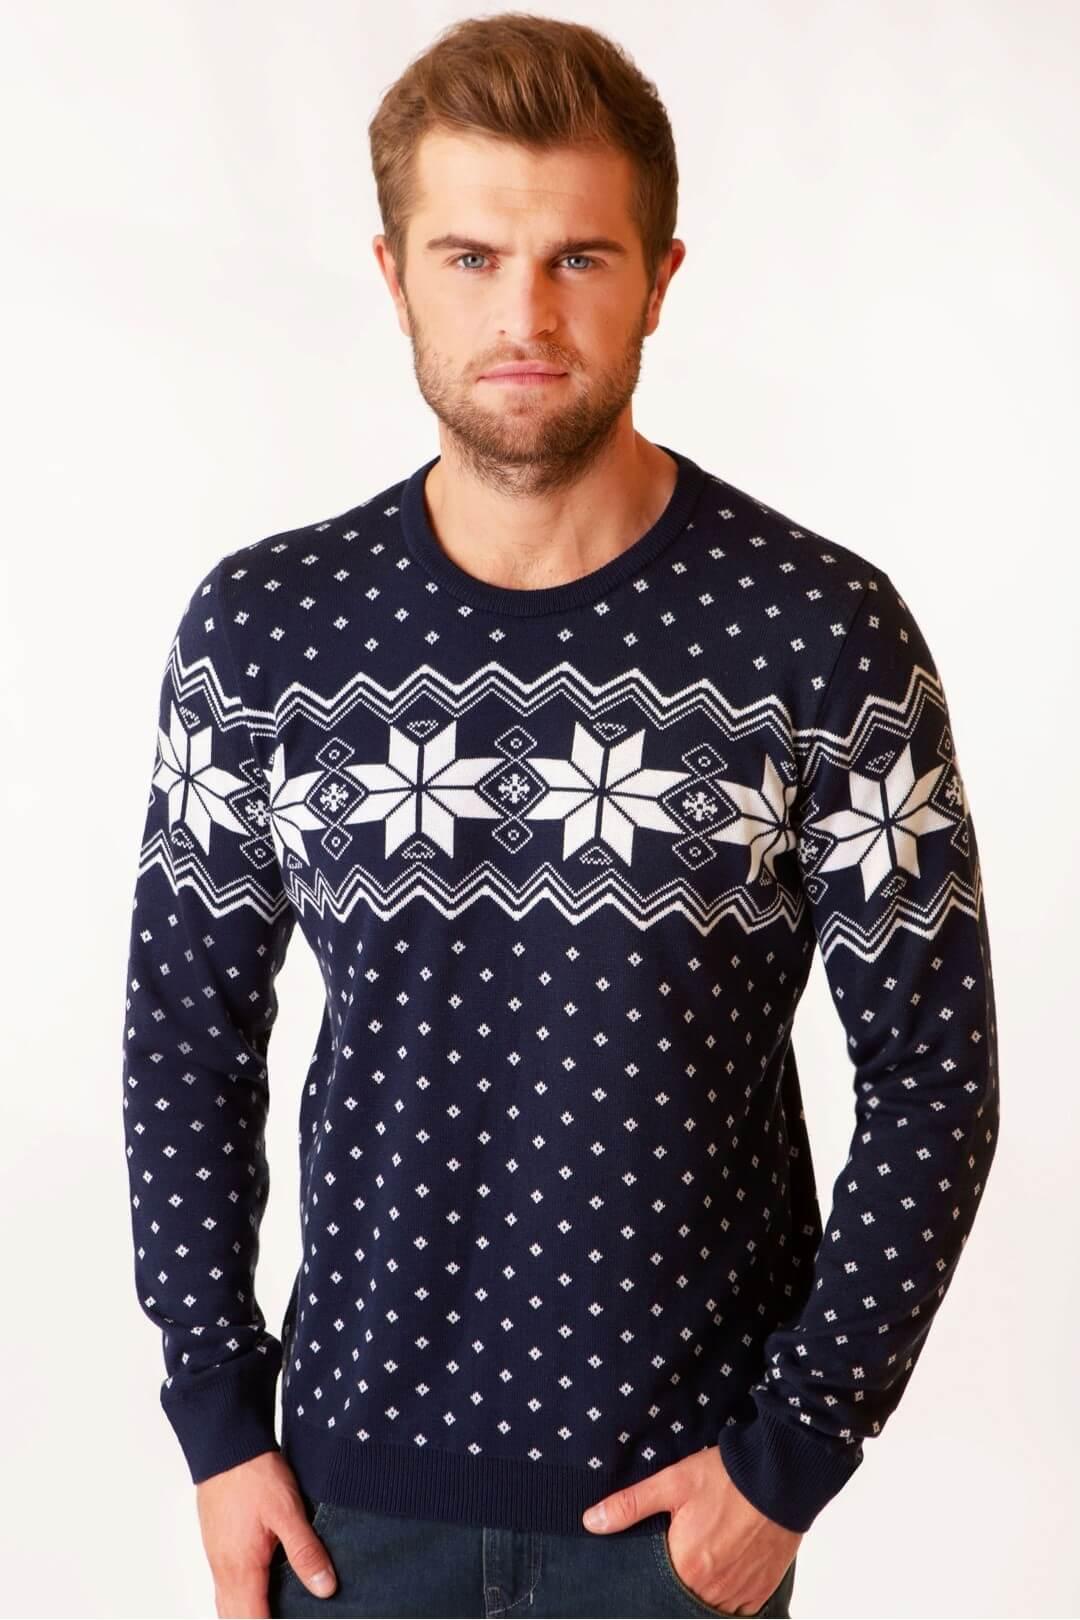 Чоловічий в'язаний светр Алатир BB мод.6205